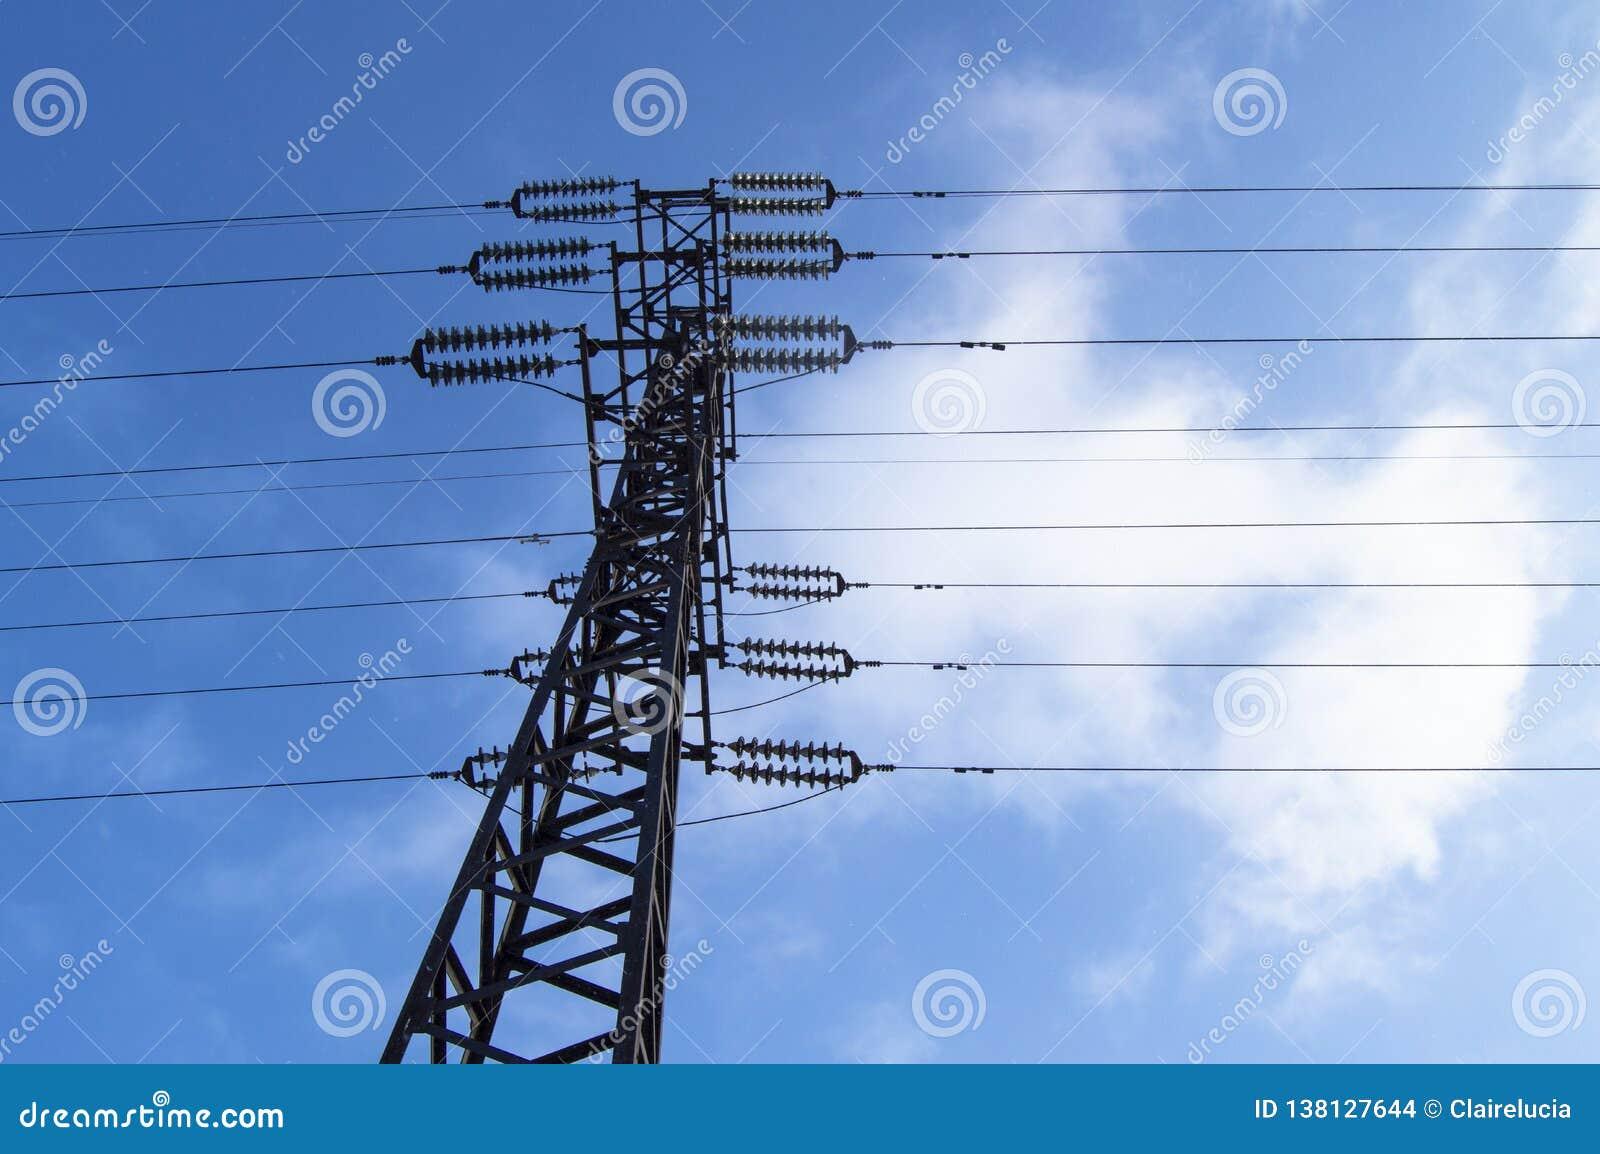 Hög-spänning kraftledning 110 kV, metallservice, trådar, isolatorer, mot den blåa himlen